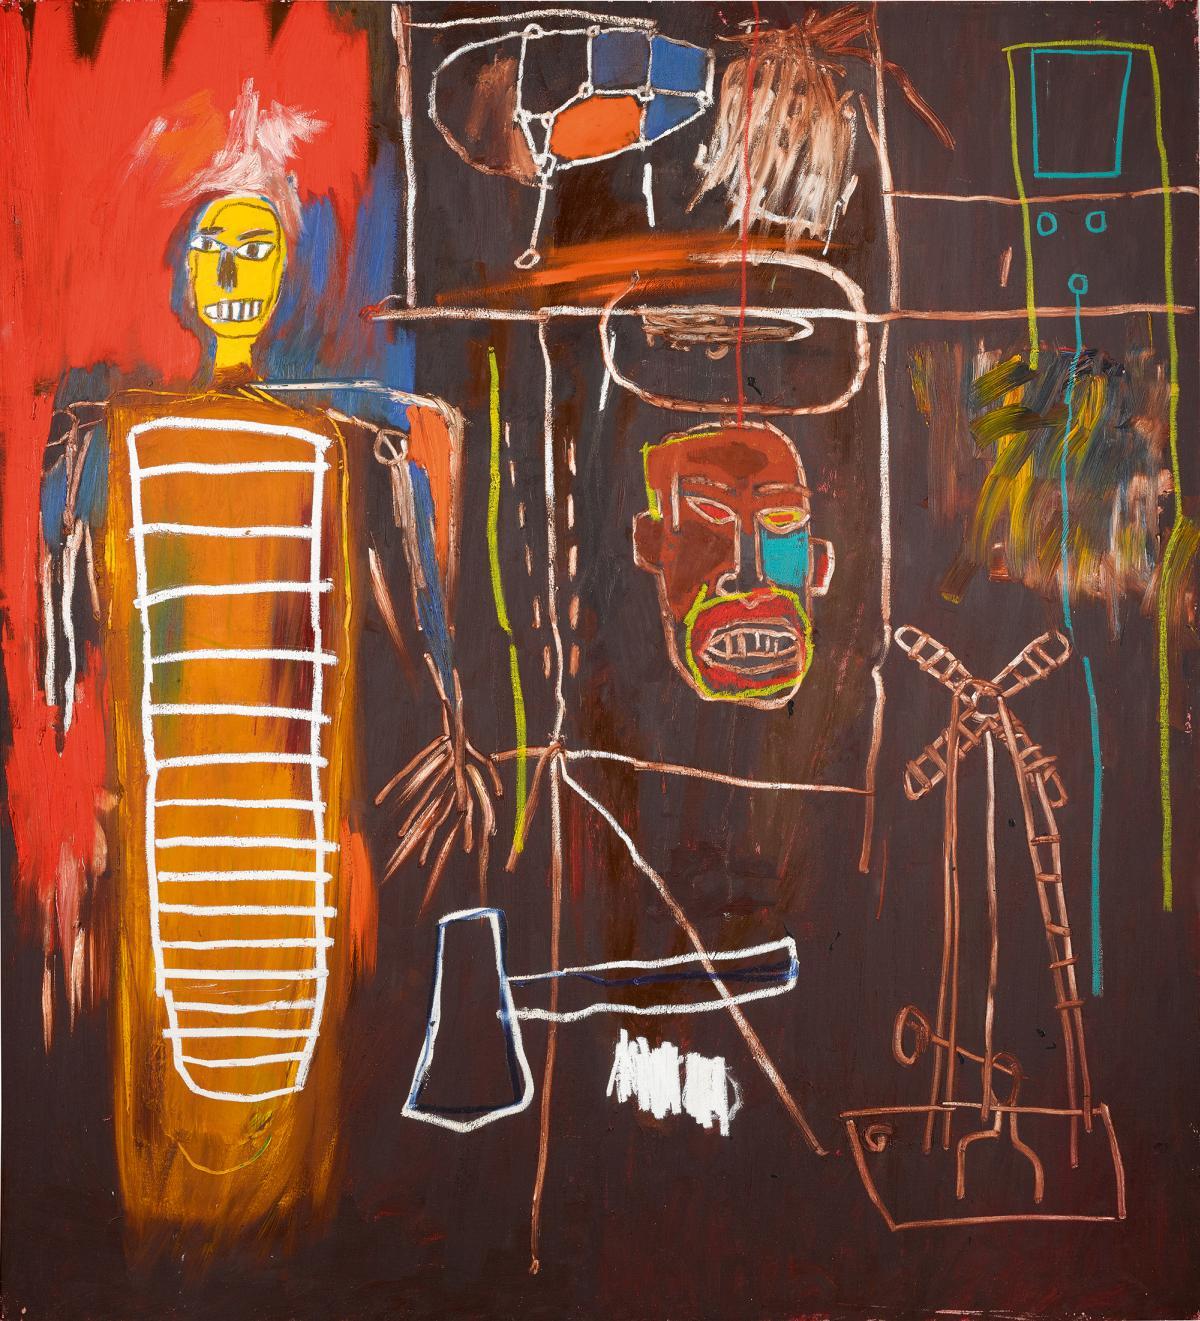 Жан-Мишель Баския. «Сила воздуха», 1984